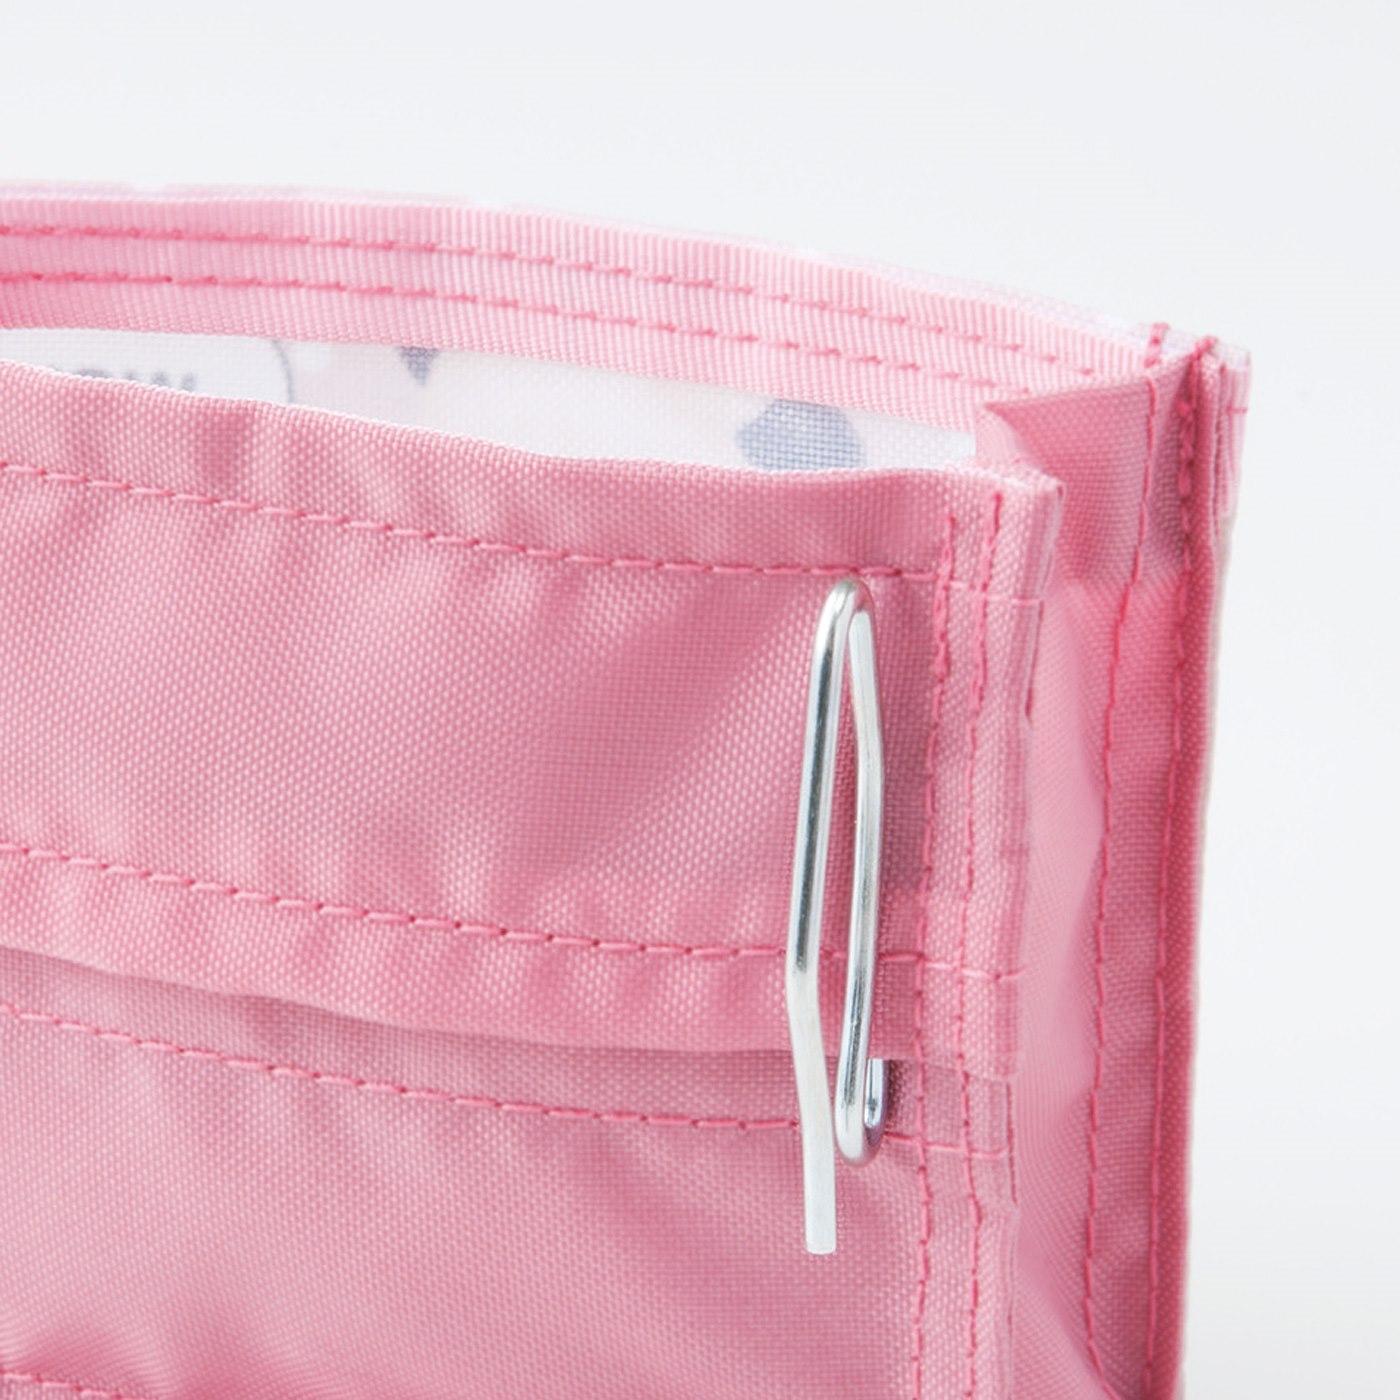 裏側のフックで、冷蔵庫のドアポケットに取り付け。